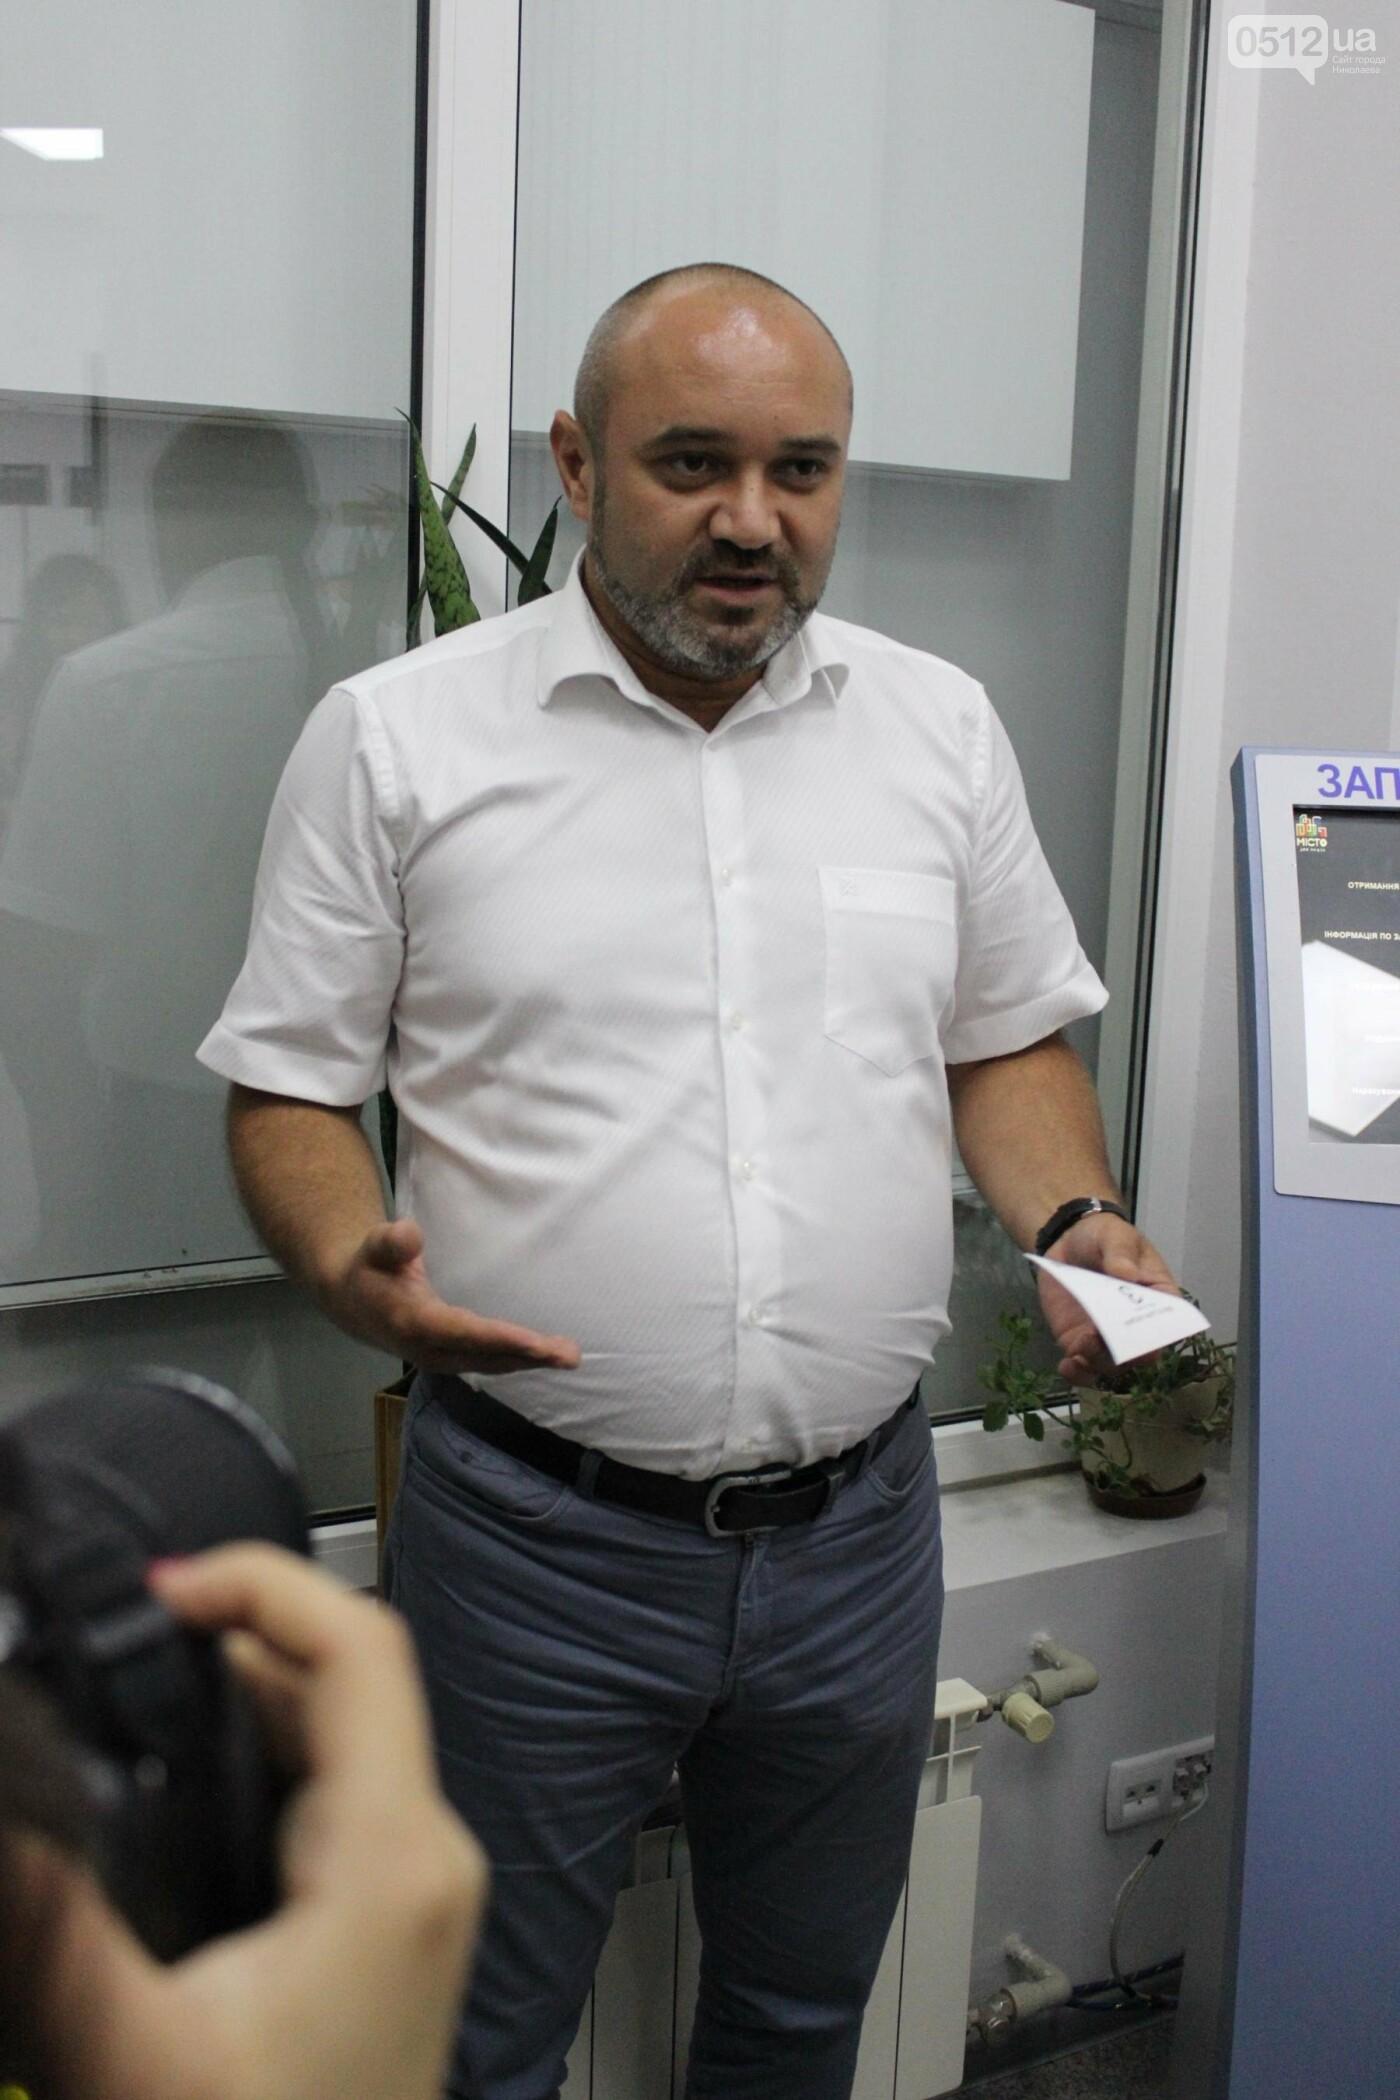 Компания, победившая на обслуживание ряда домов Николаева, презентовала свою работу в Запорожье, - ФОТО, ВИДЕО, фото-8